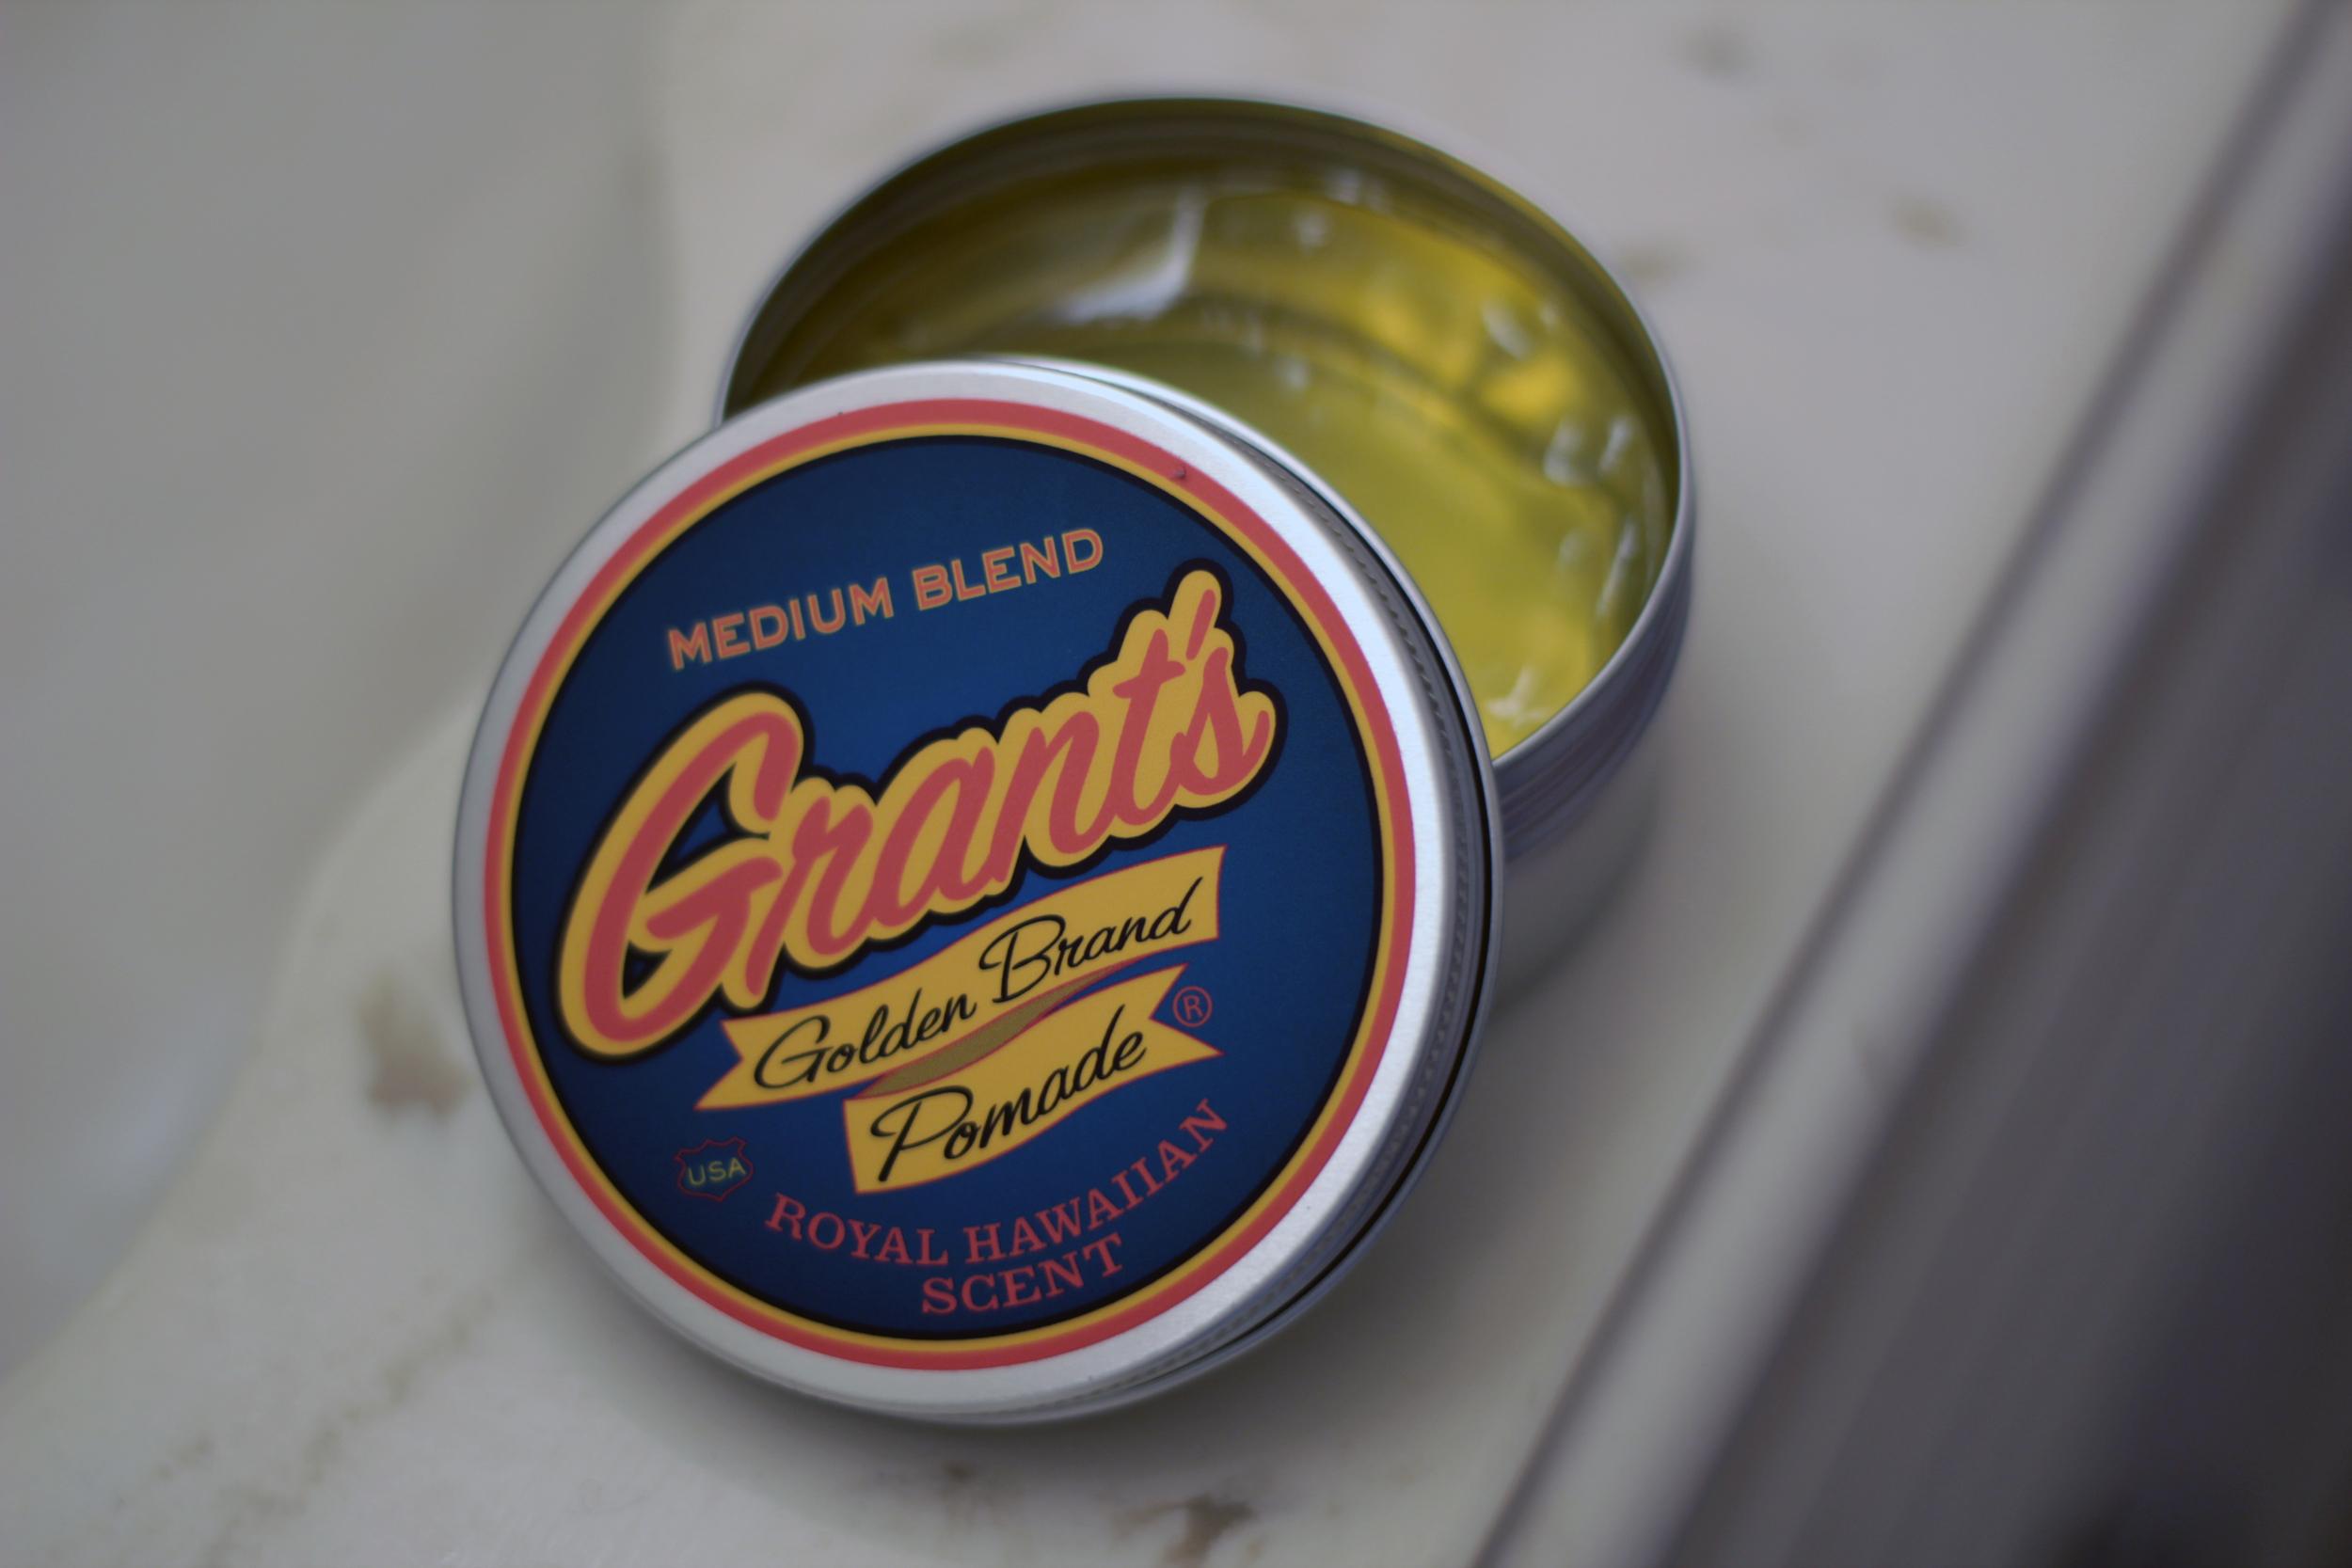 grant's golden brand medium blend inside